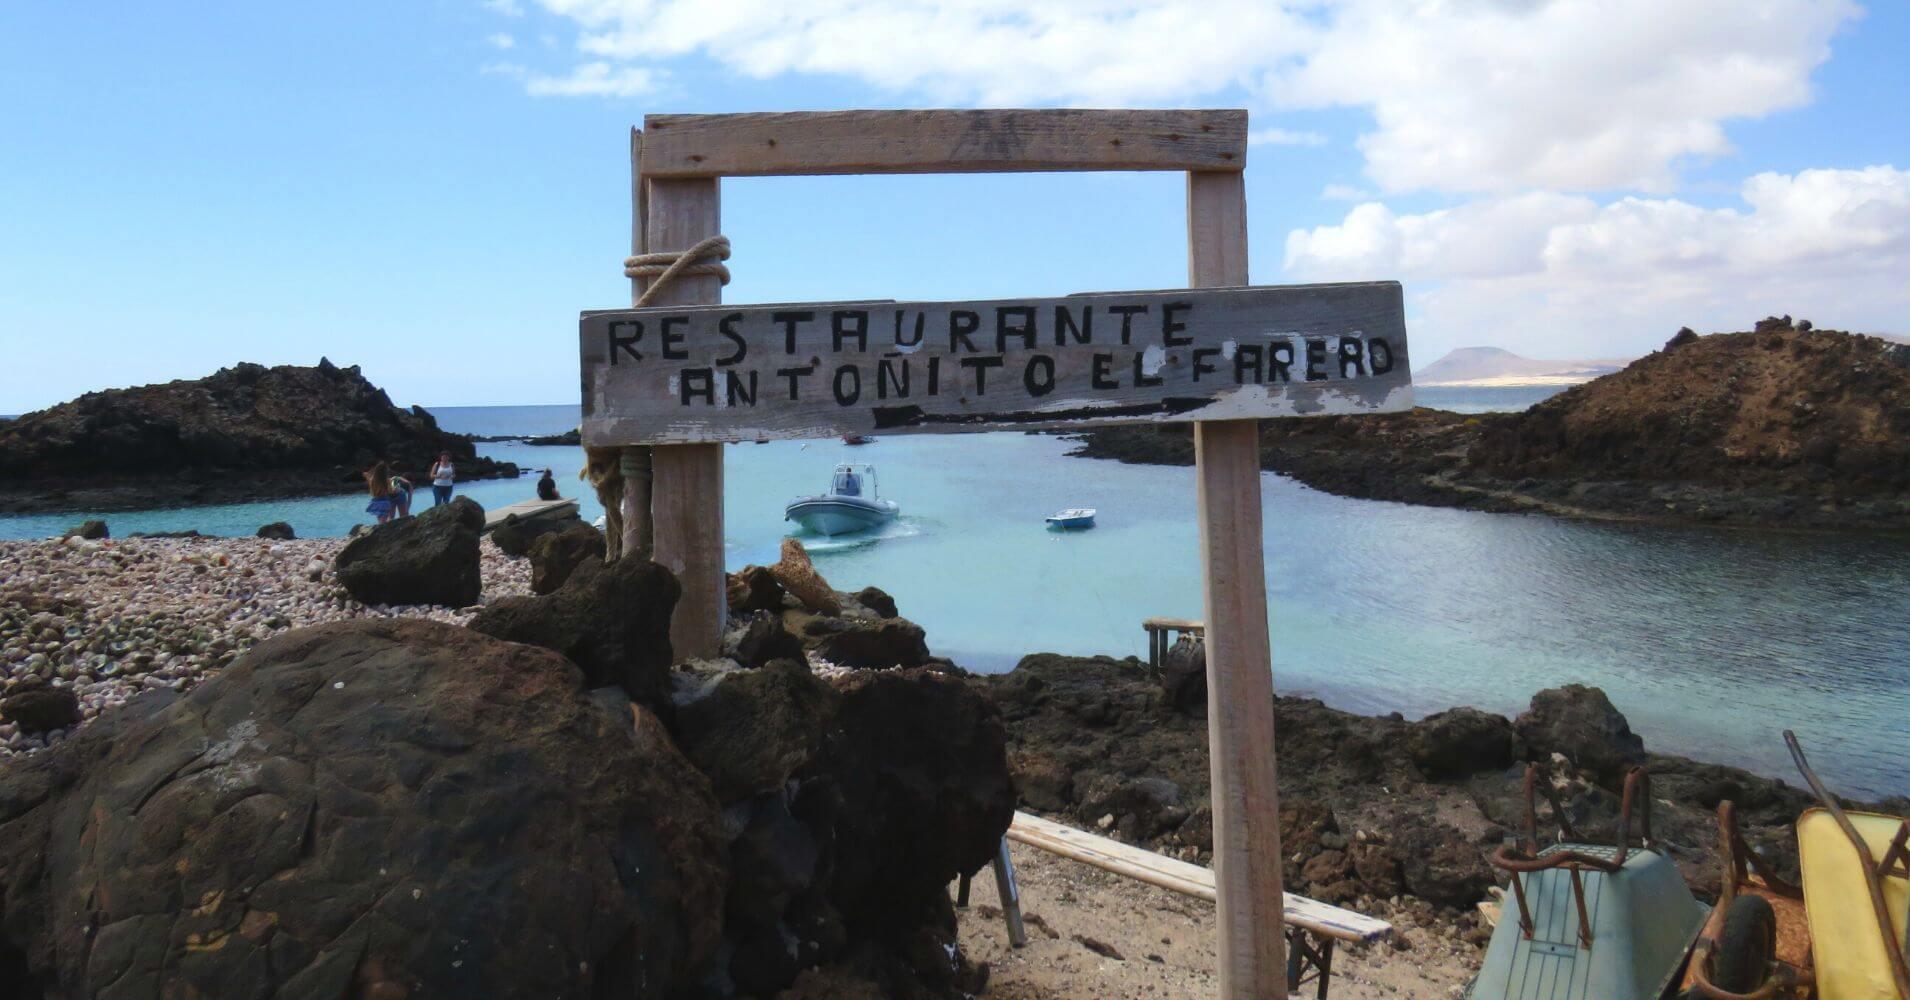 Restaurante Antoñito. Isla de Los Lobos. Fuerteventura. Islas Canarias.